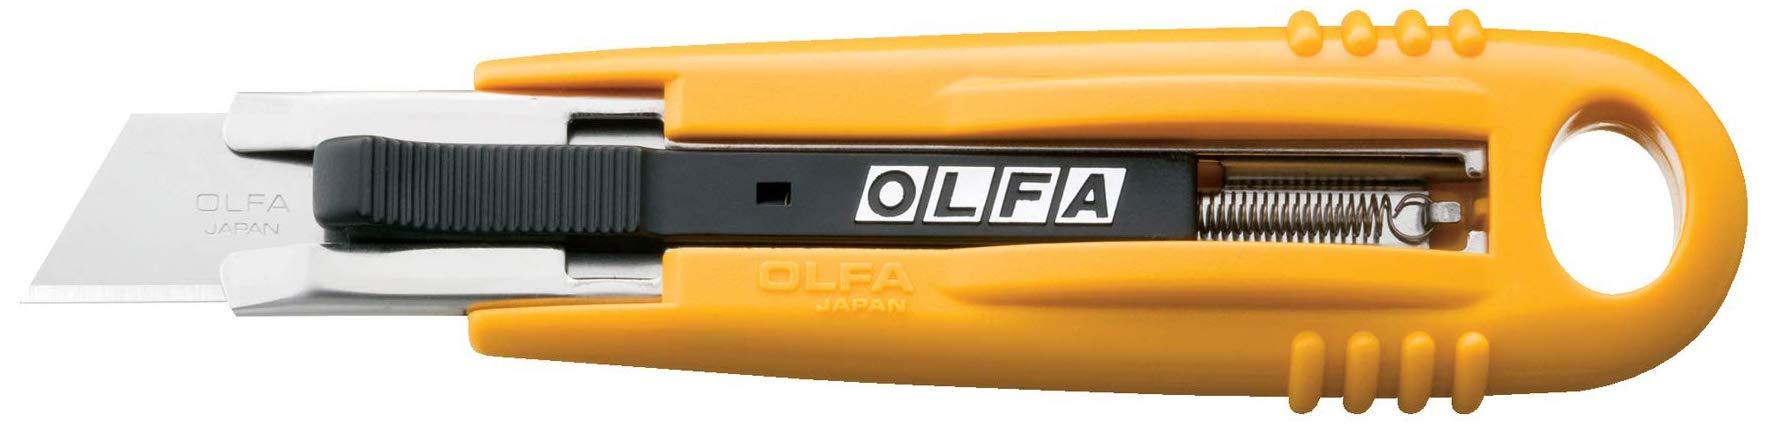 OLFA 9048 SK-4 Cuchillo de seguridad autorretráctil semiautomático, estándar, amarillo